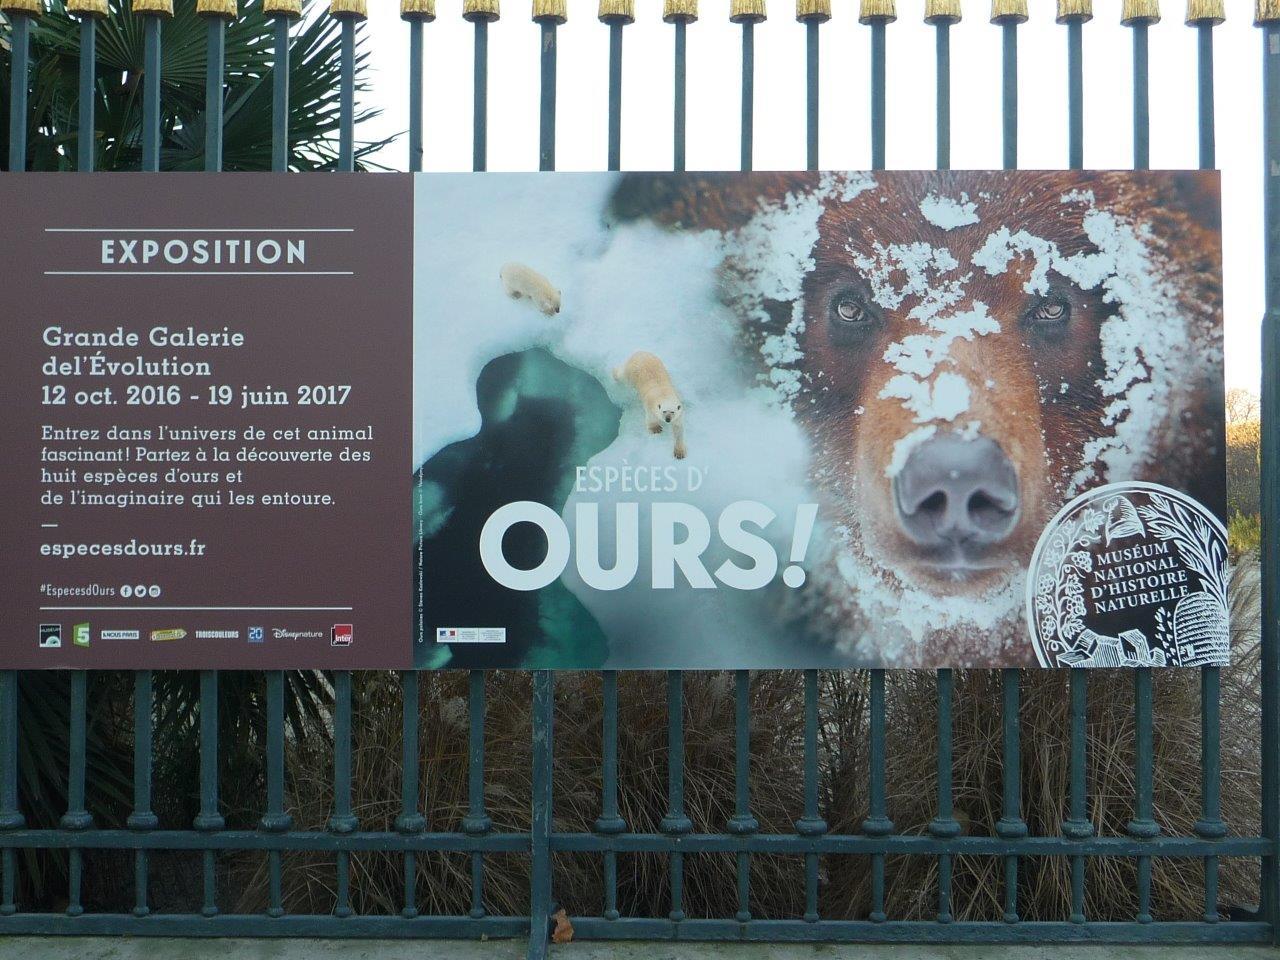 La caborne de l 39 ourse paris exposition esp ces d for Expos paris novembre 2016